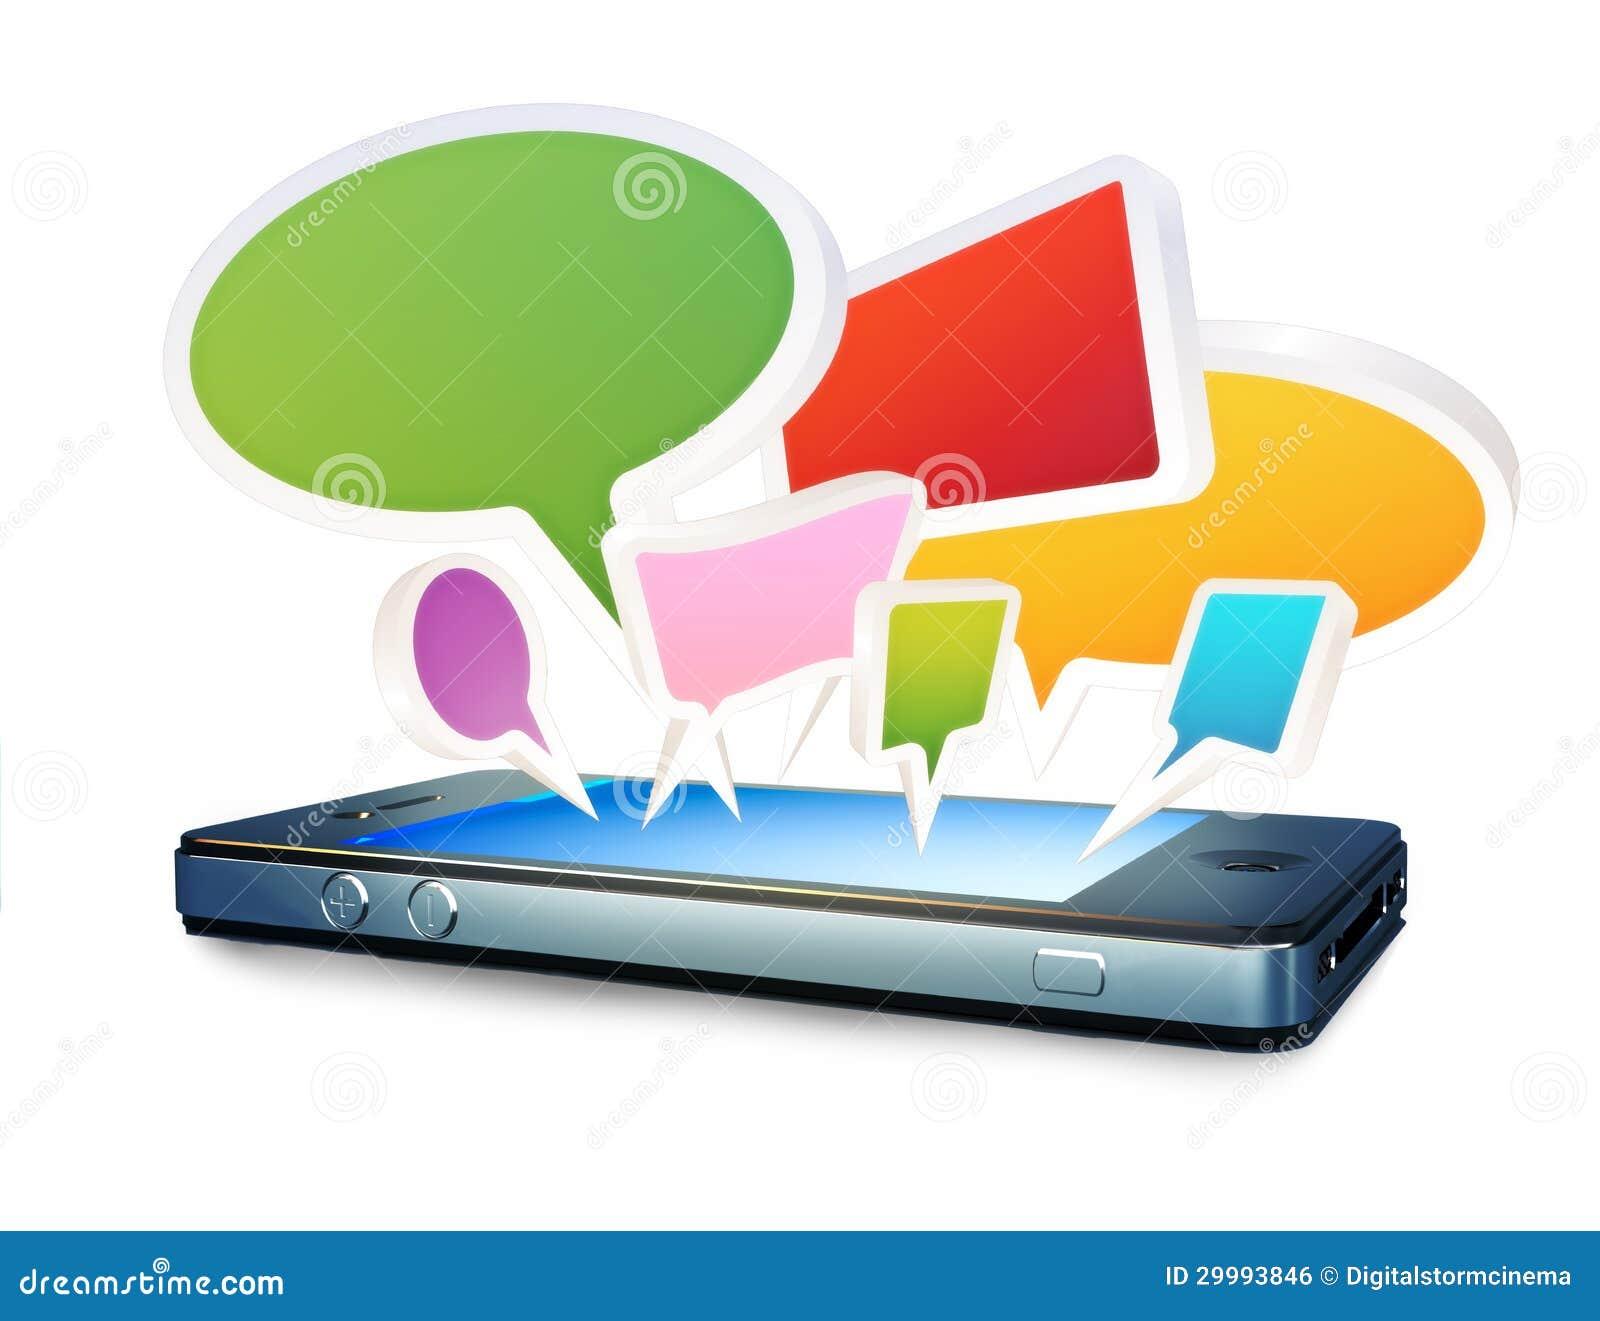 Smartphone met sociale media babbelt bellen of toespraakbellen